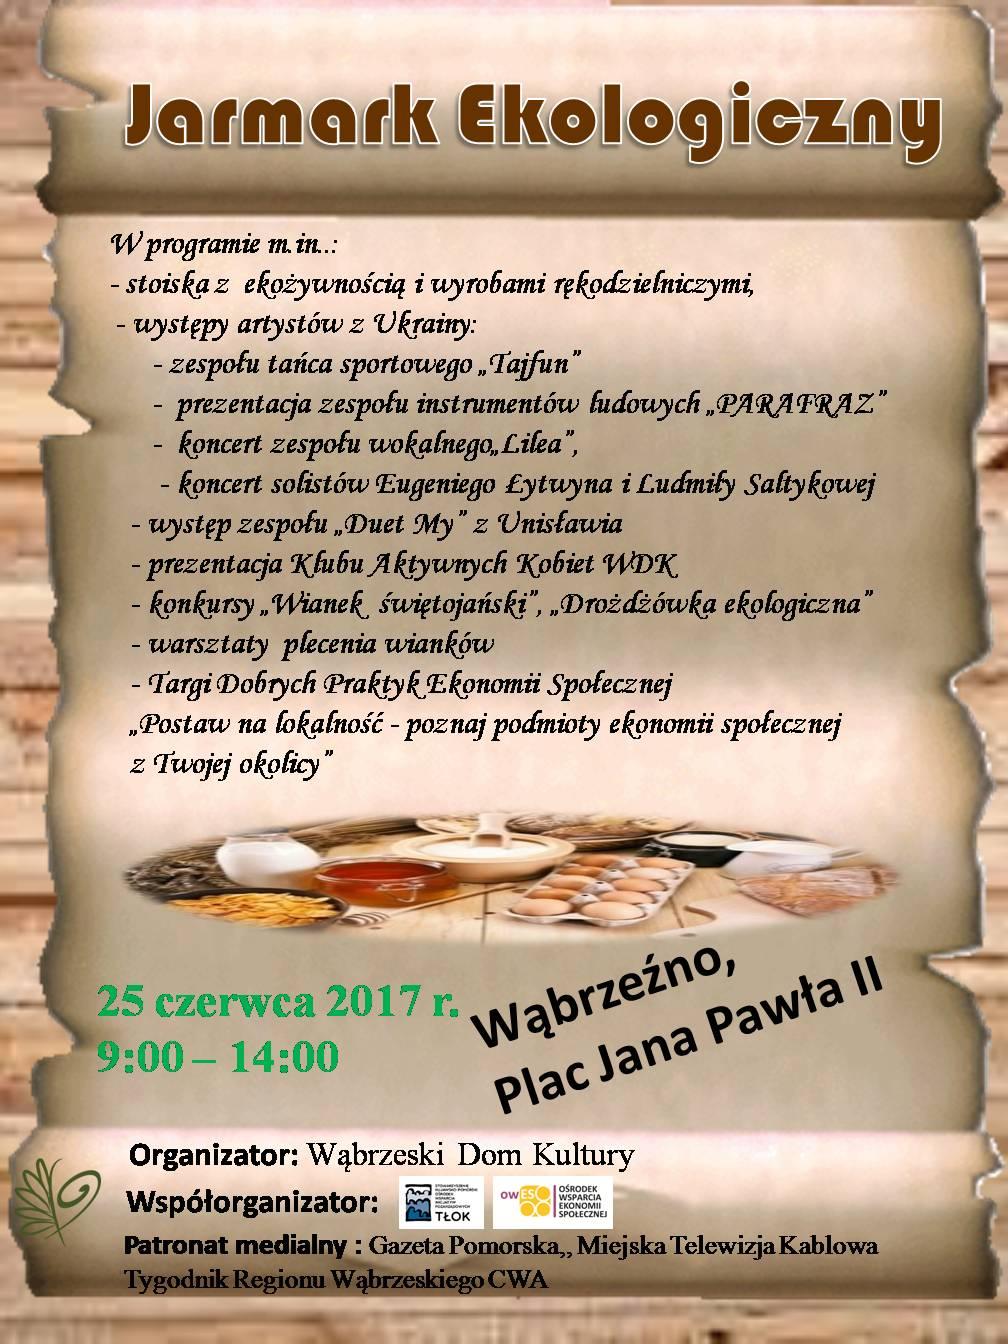 Jarmark Ekologiczny - 25 czerwca - niedziela, 2017 r.